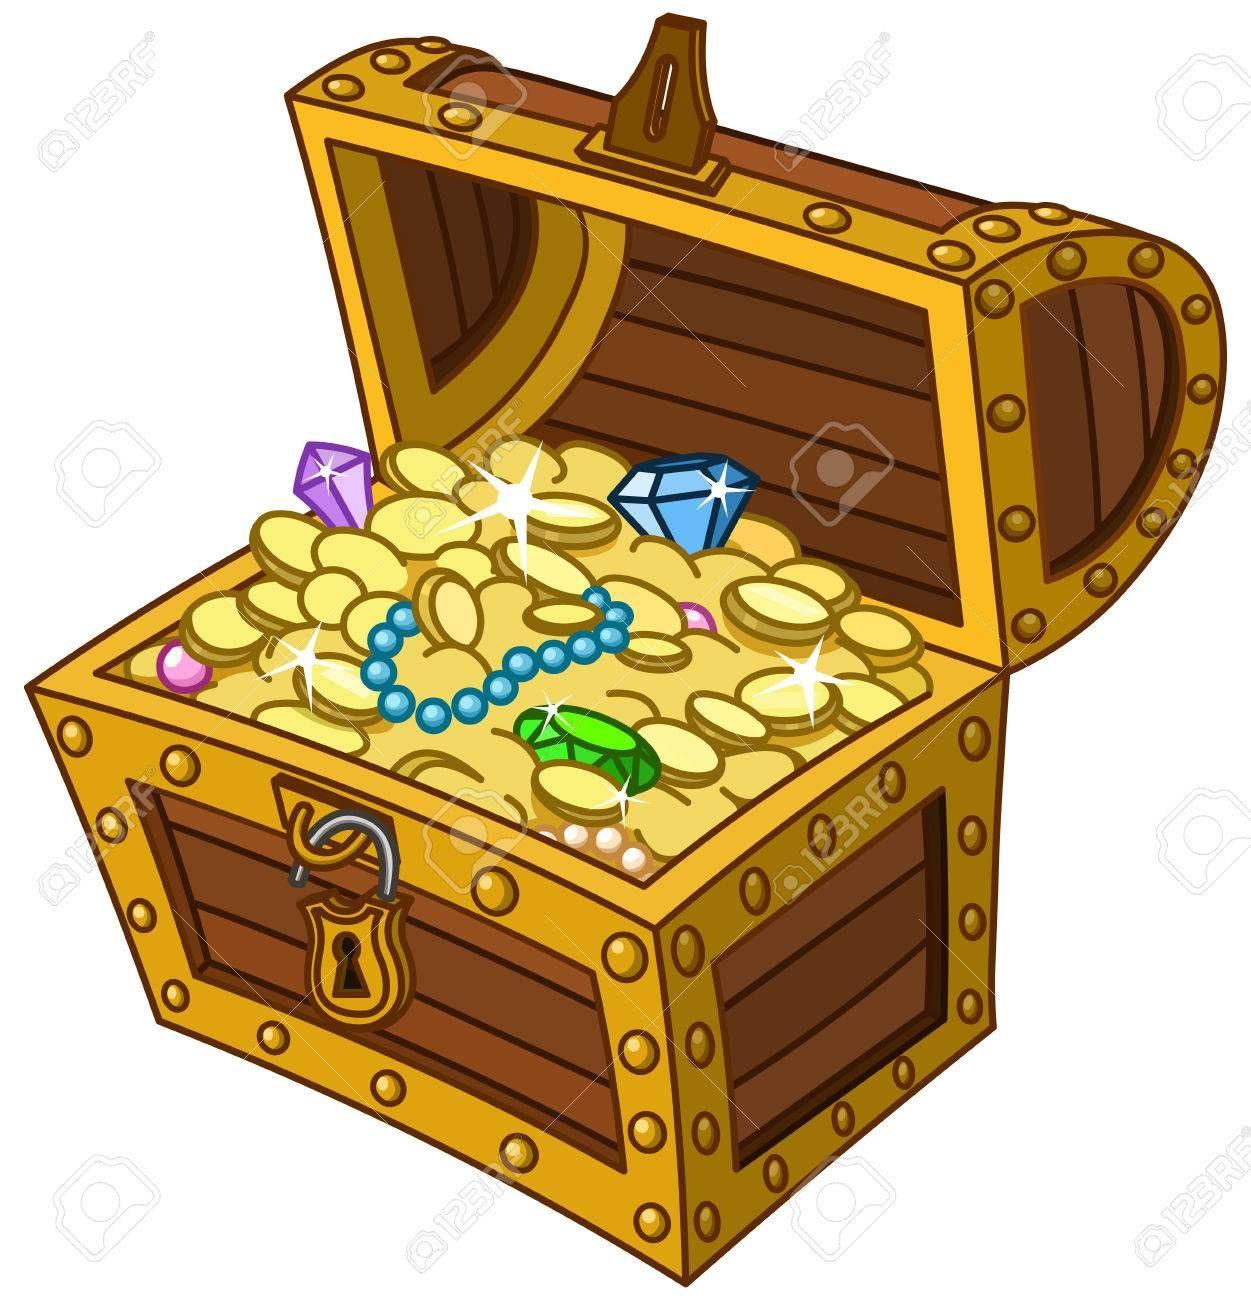 Картинки по запросу pirate treasure picture clipart